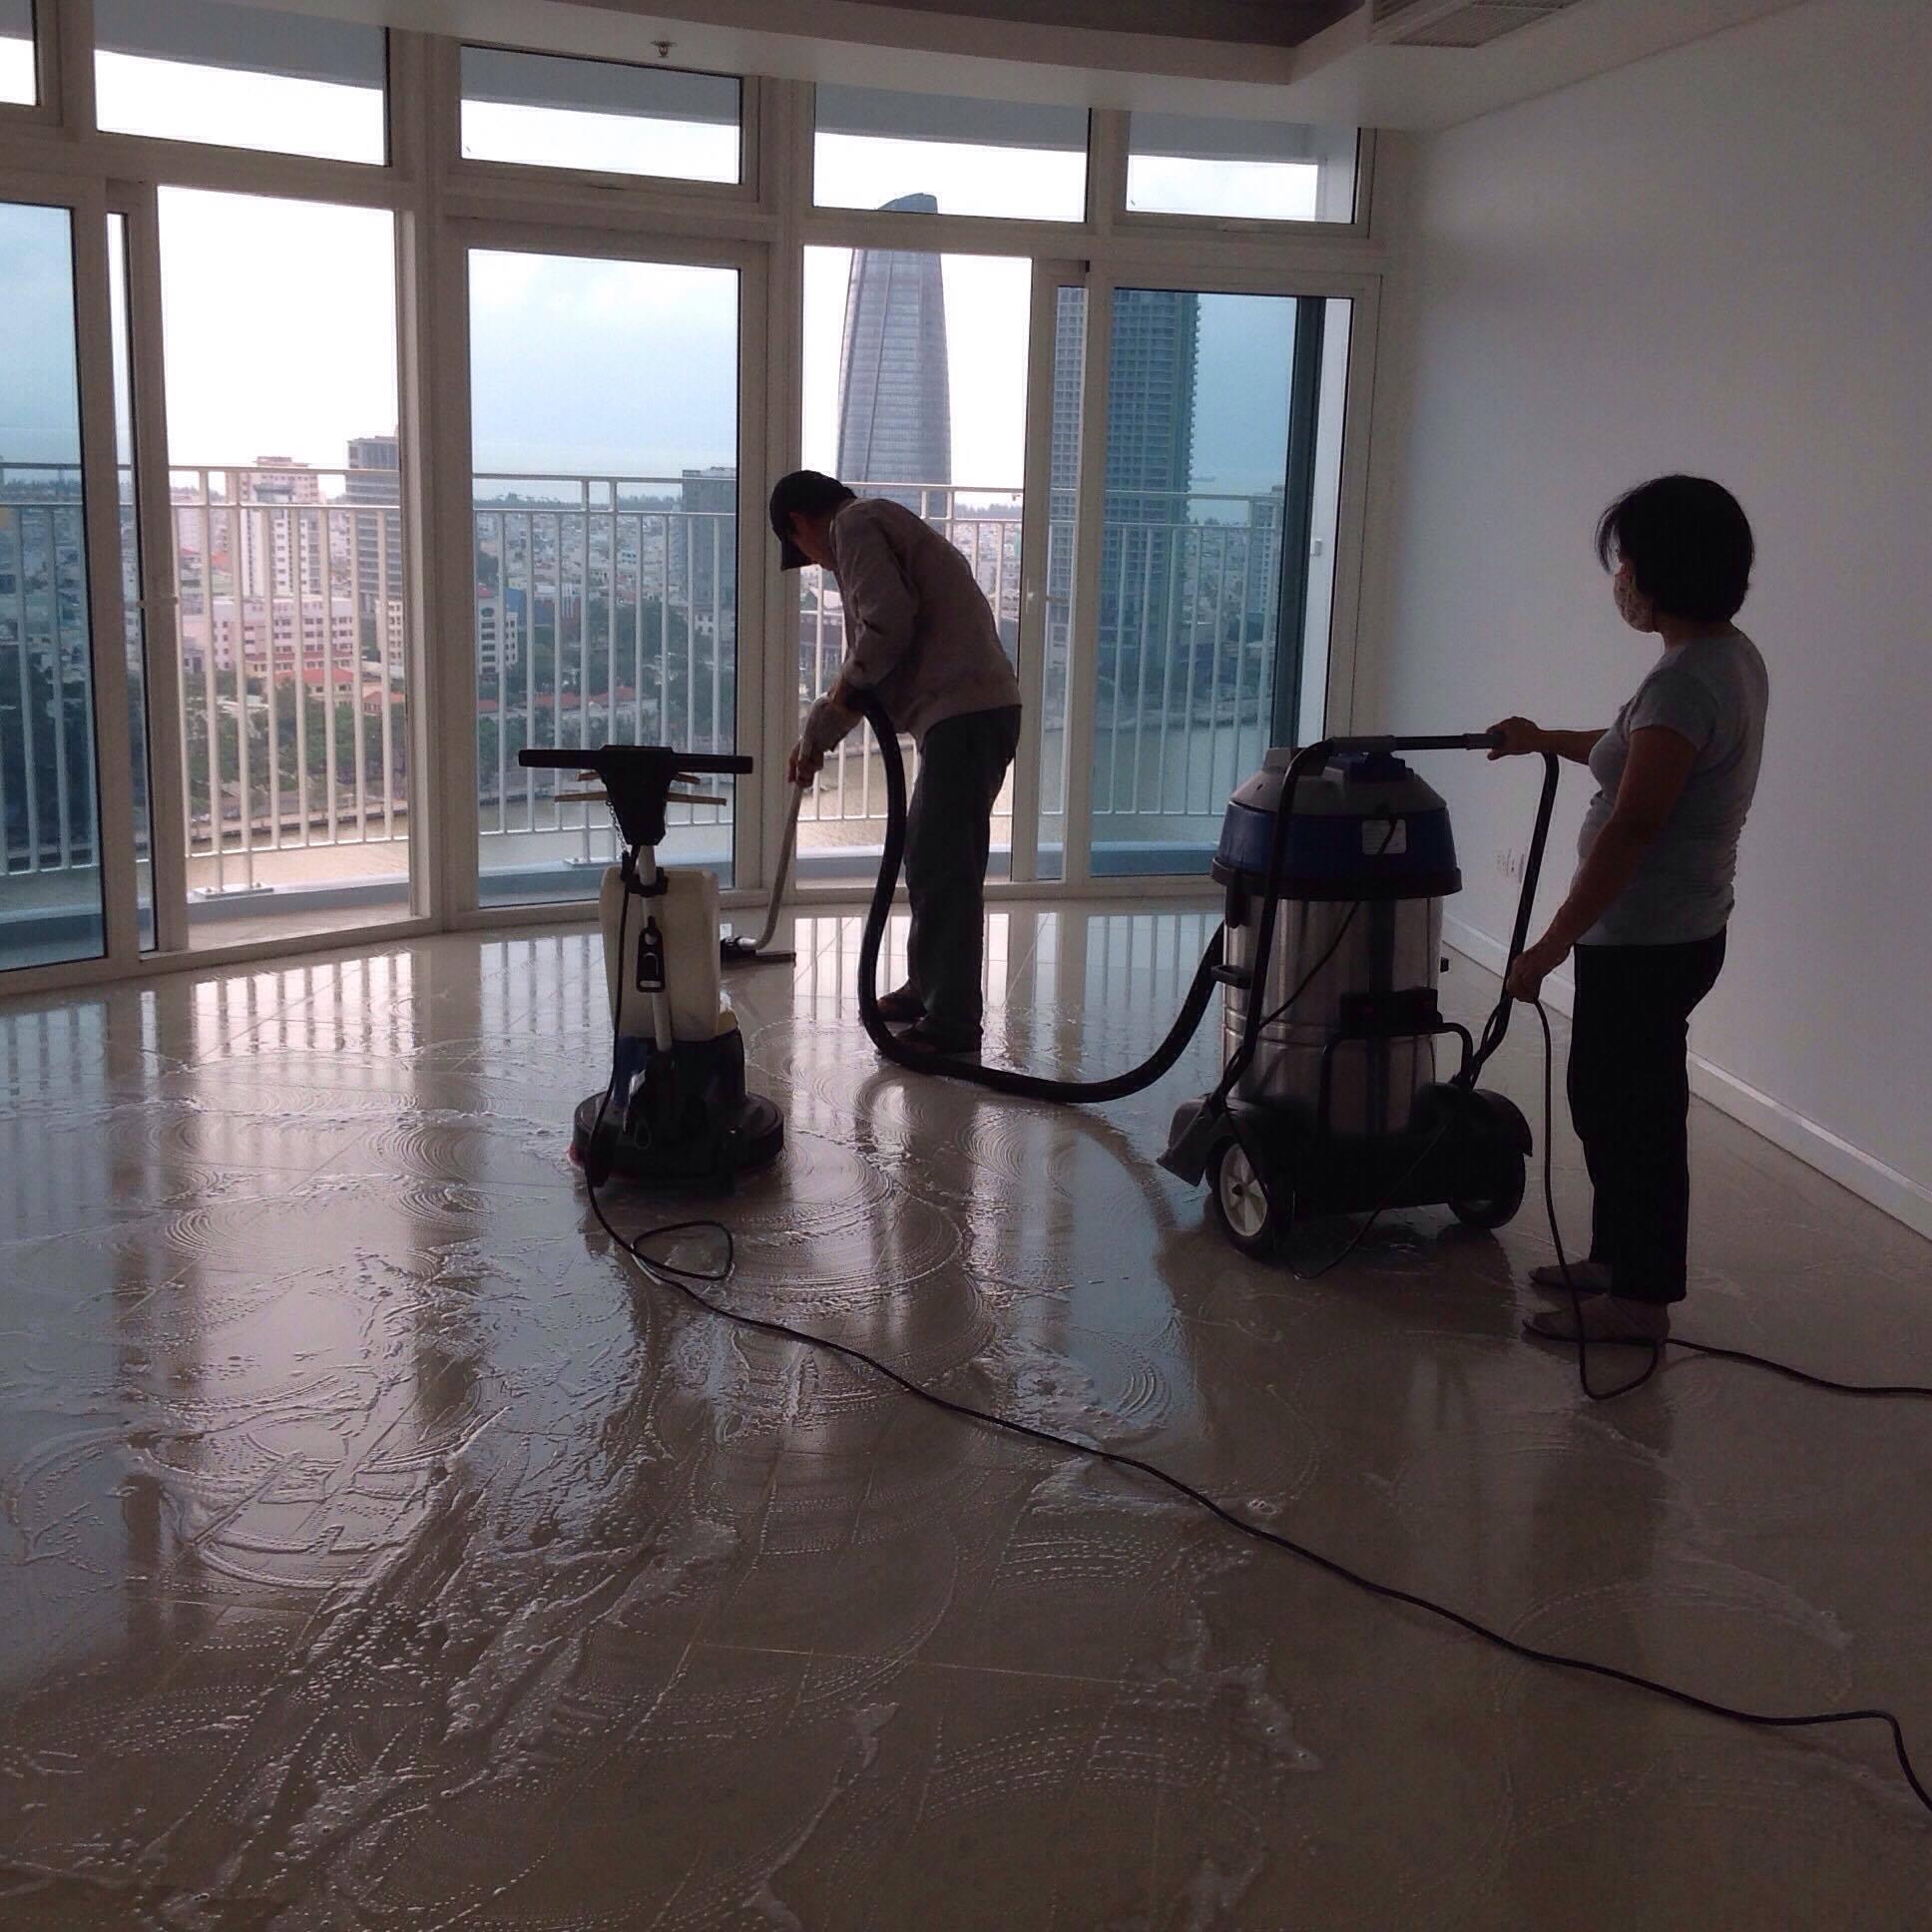 Đánh bóng sàn gạch men